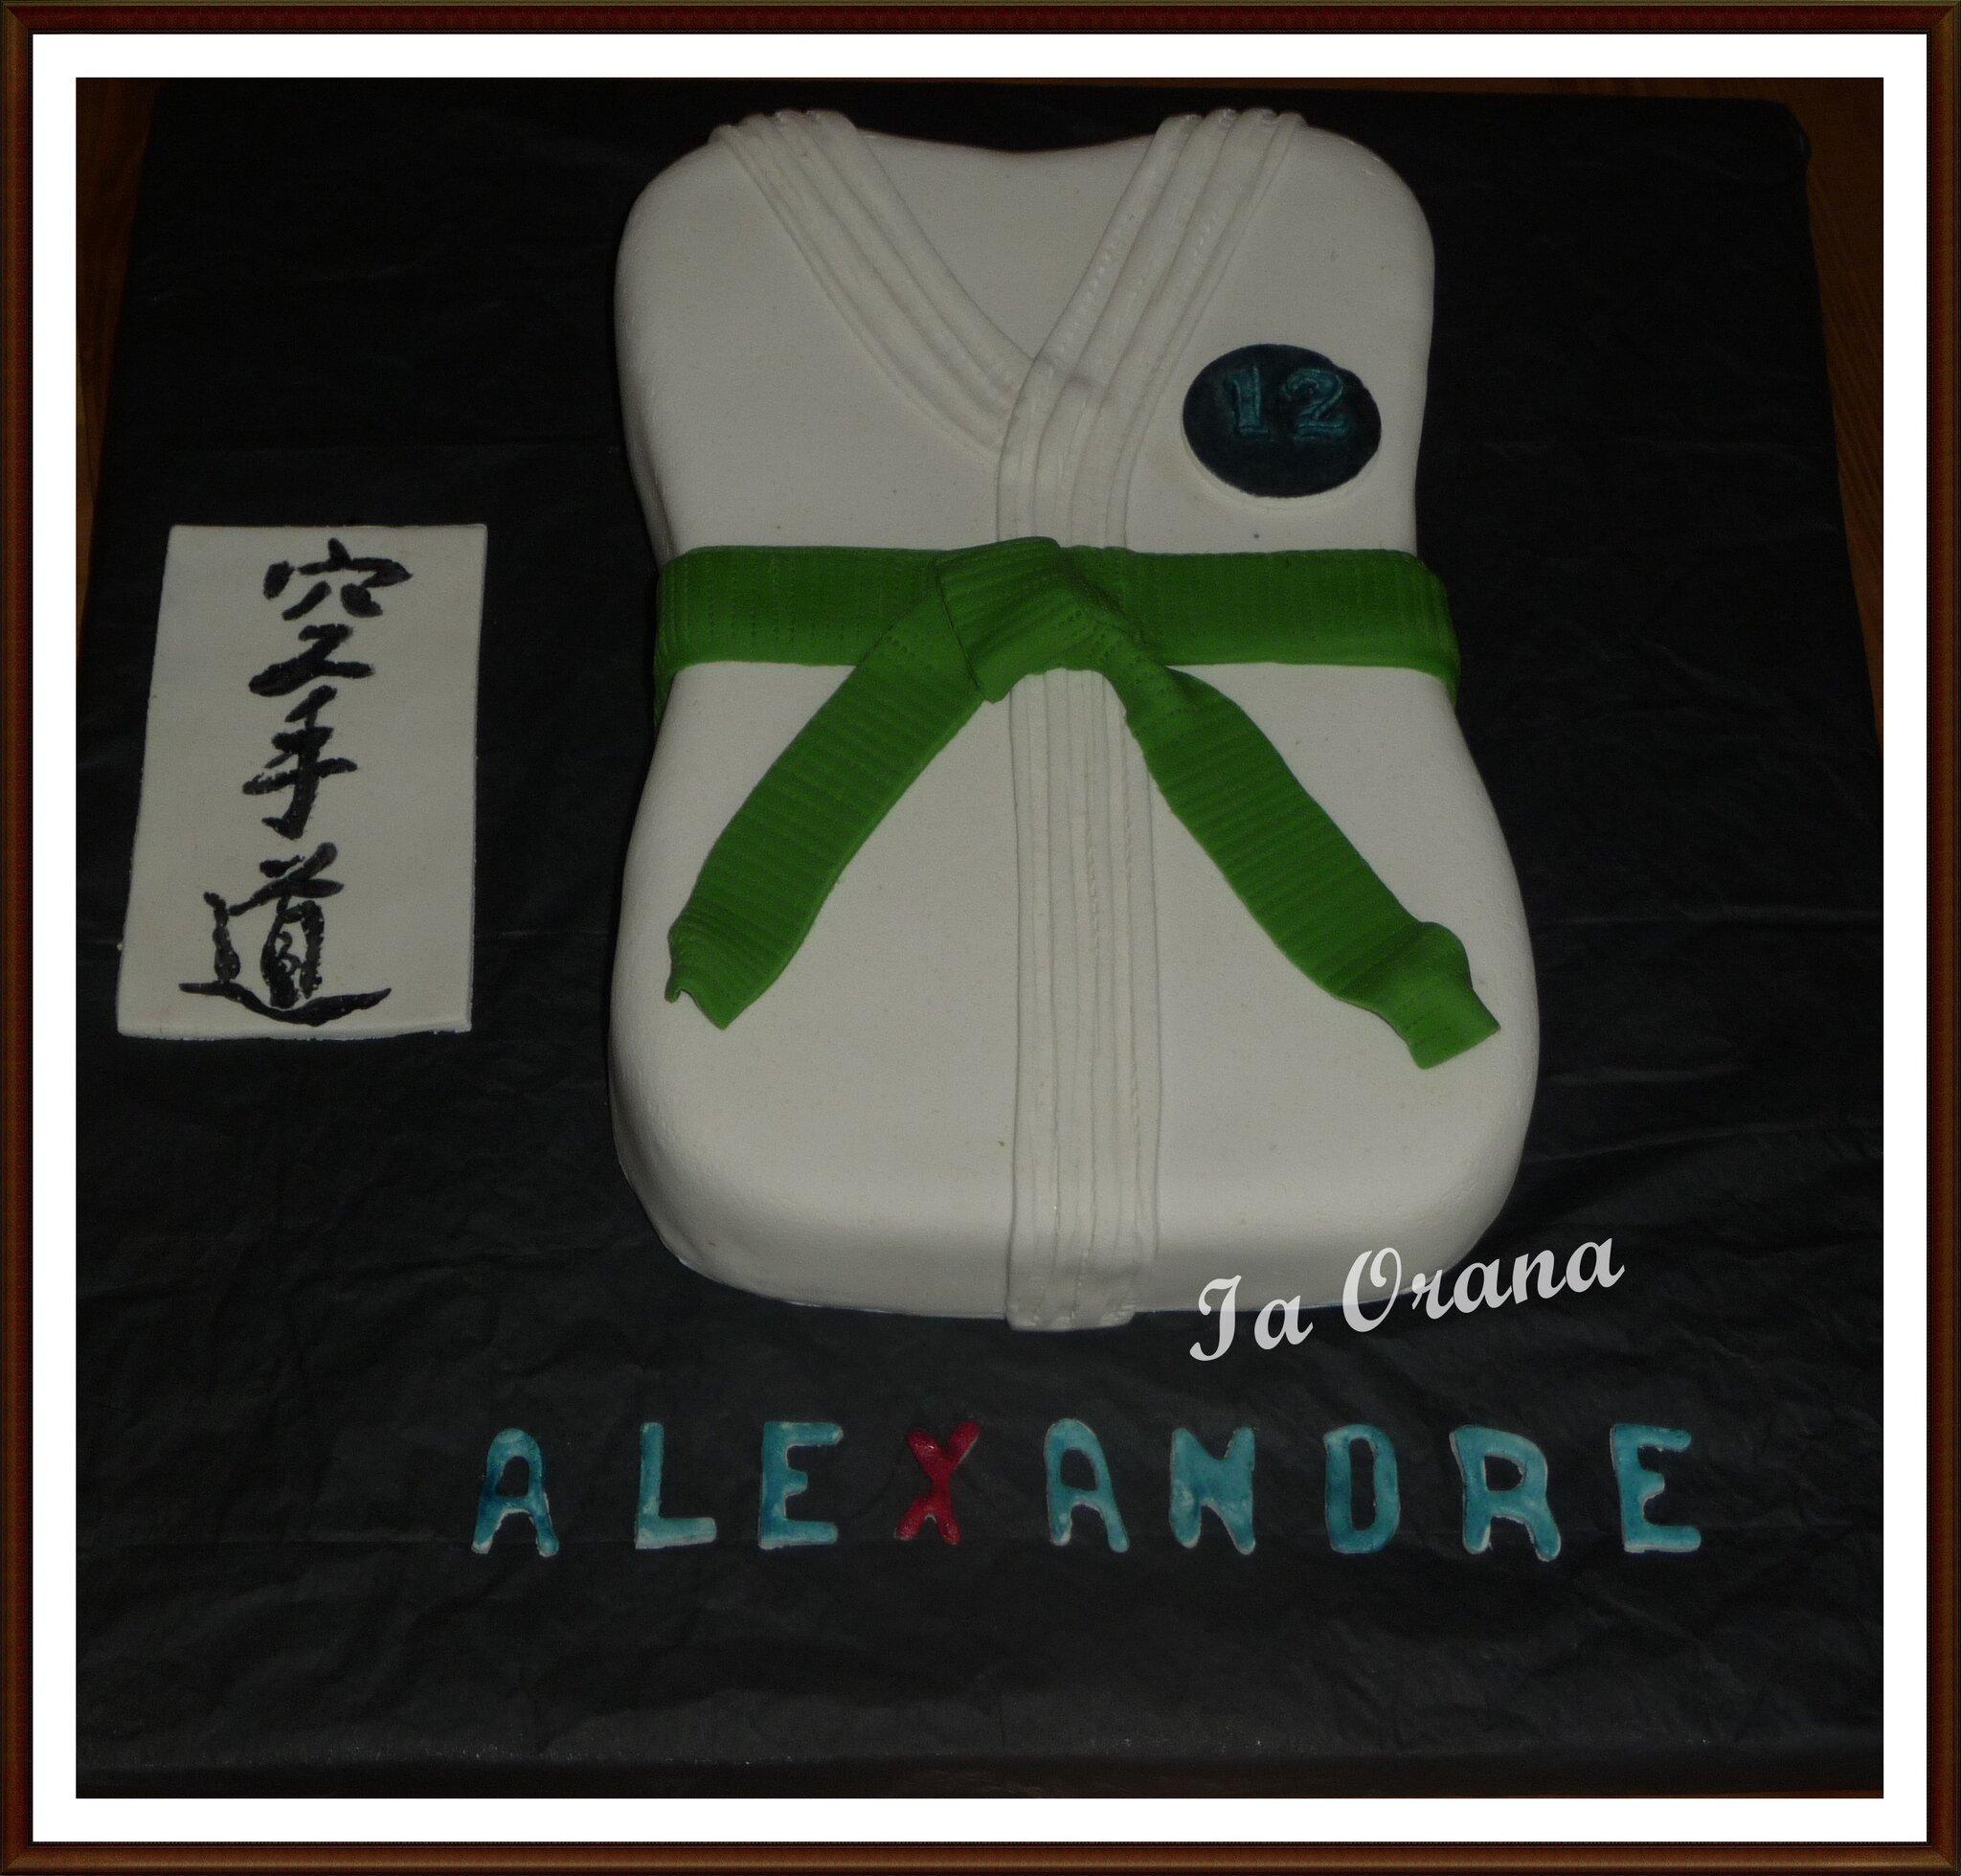 Gâteau judogi / Judogi cake